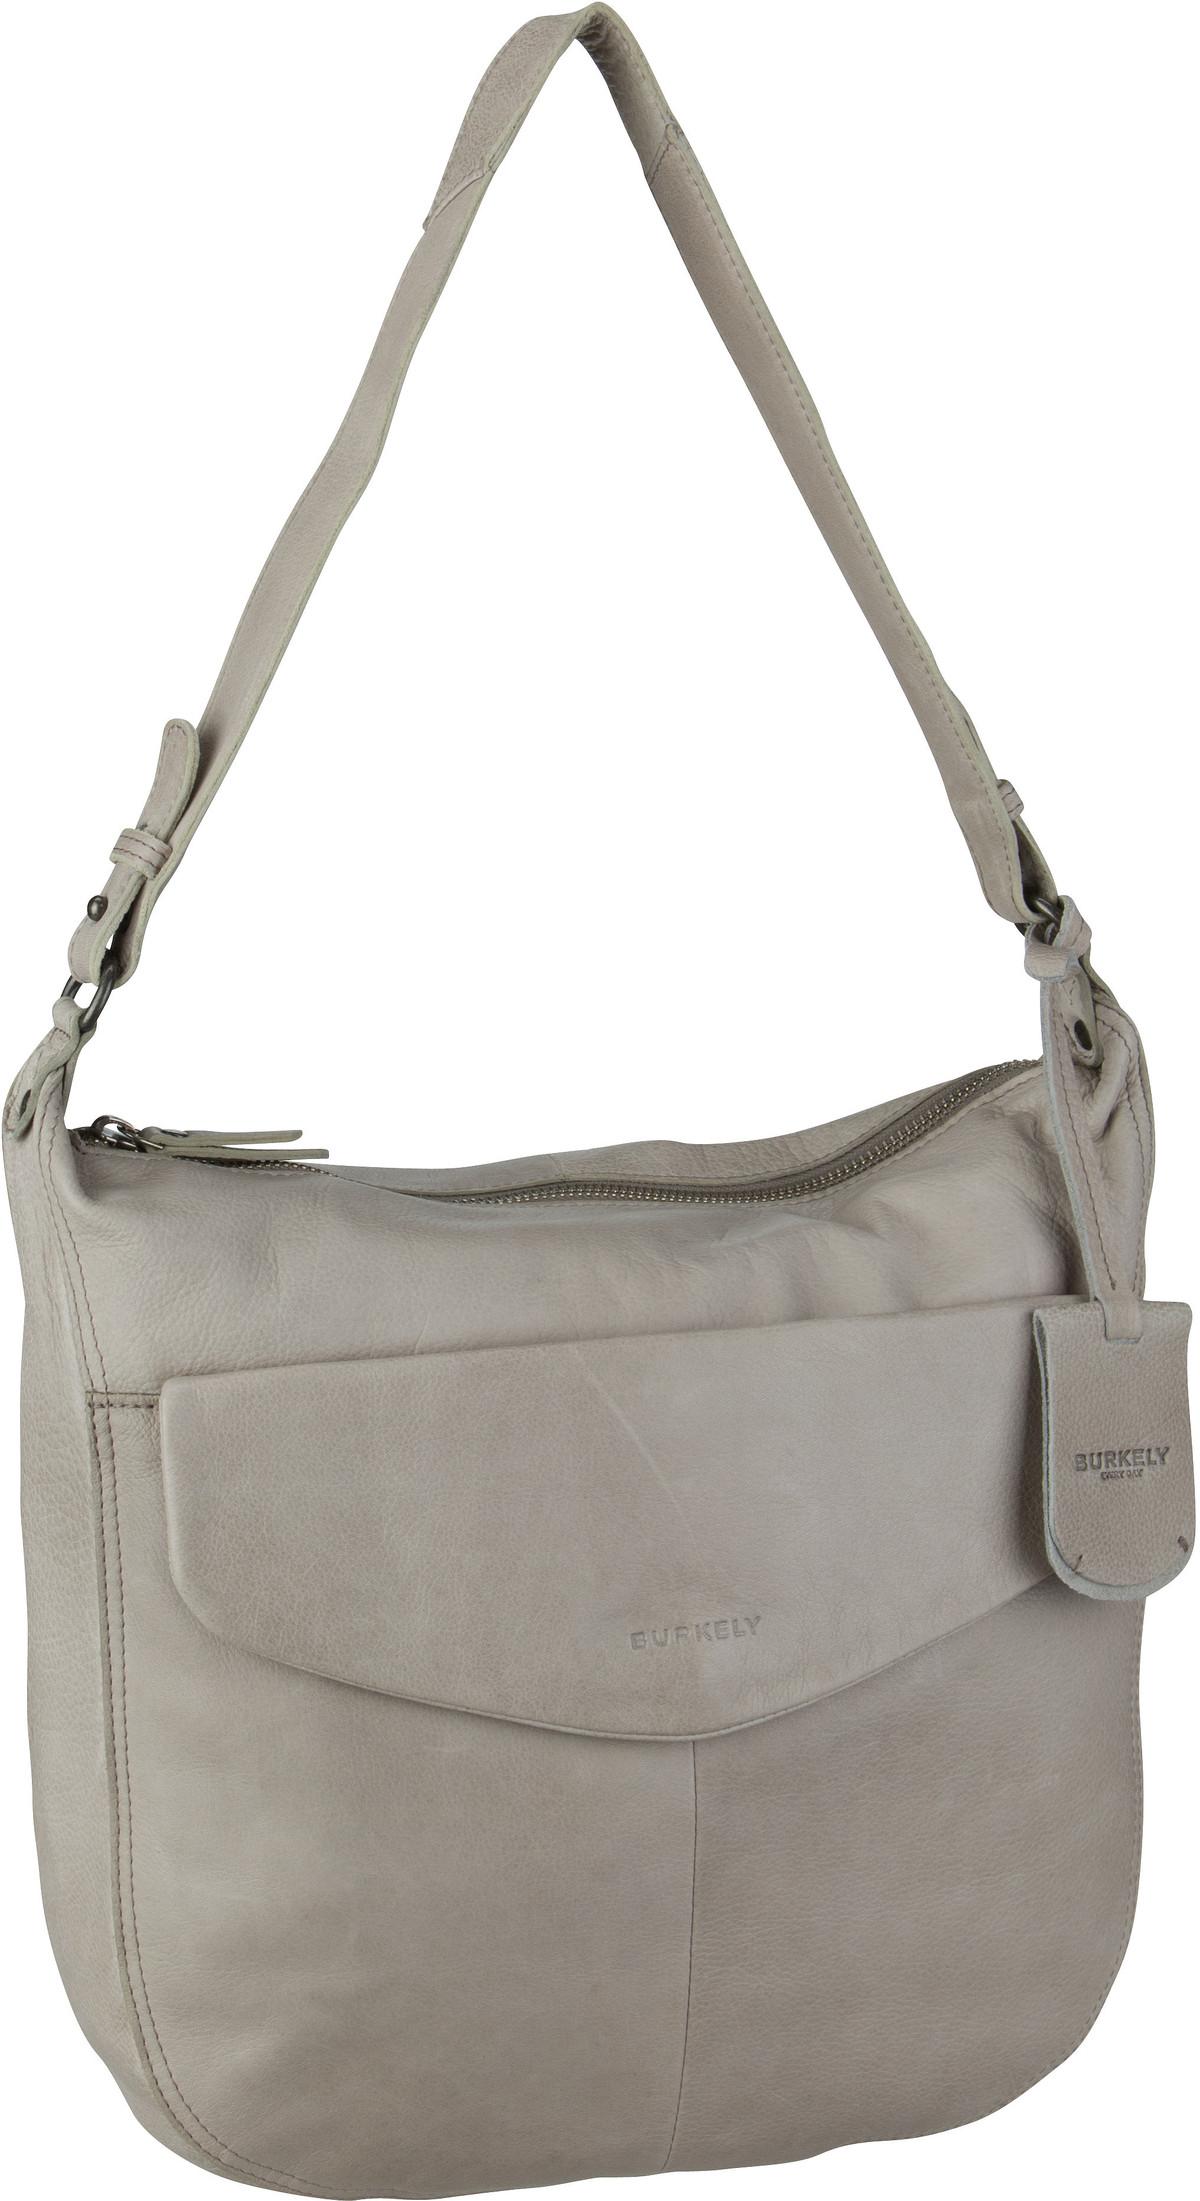 Burkely Handtasche Just Jackie Hobo 2484 Light Grey